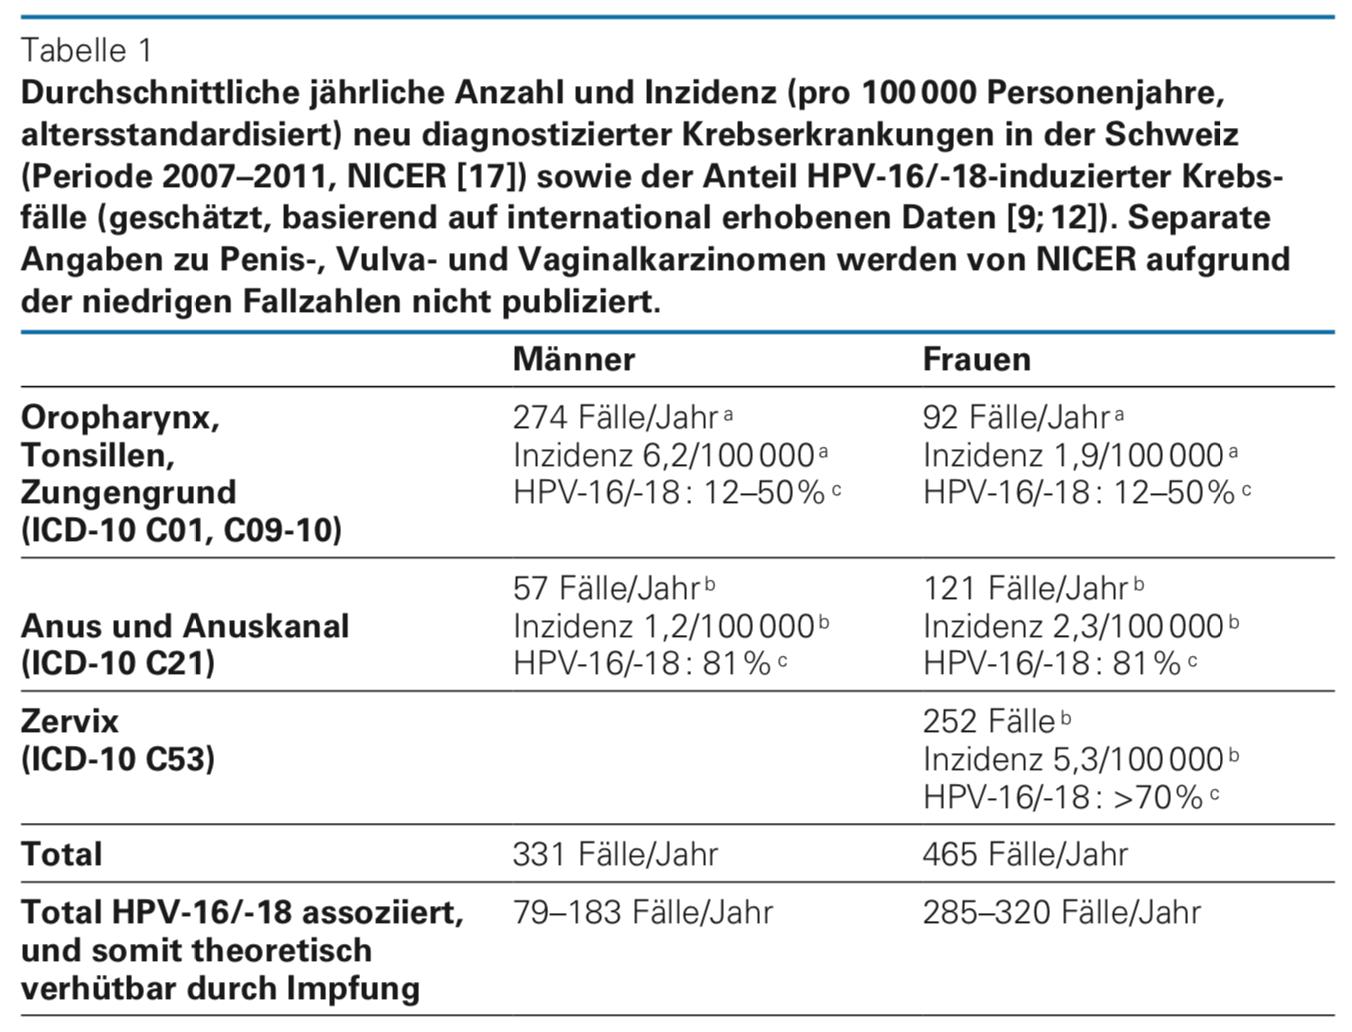 hpv vírus impfung)